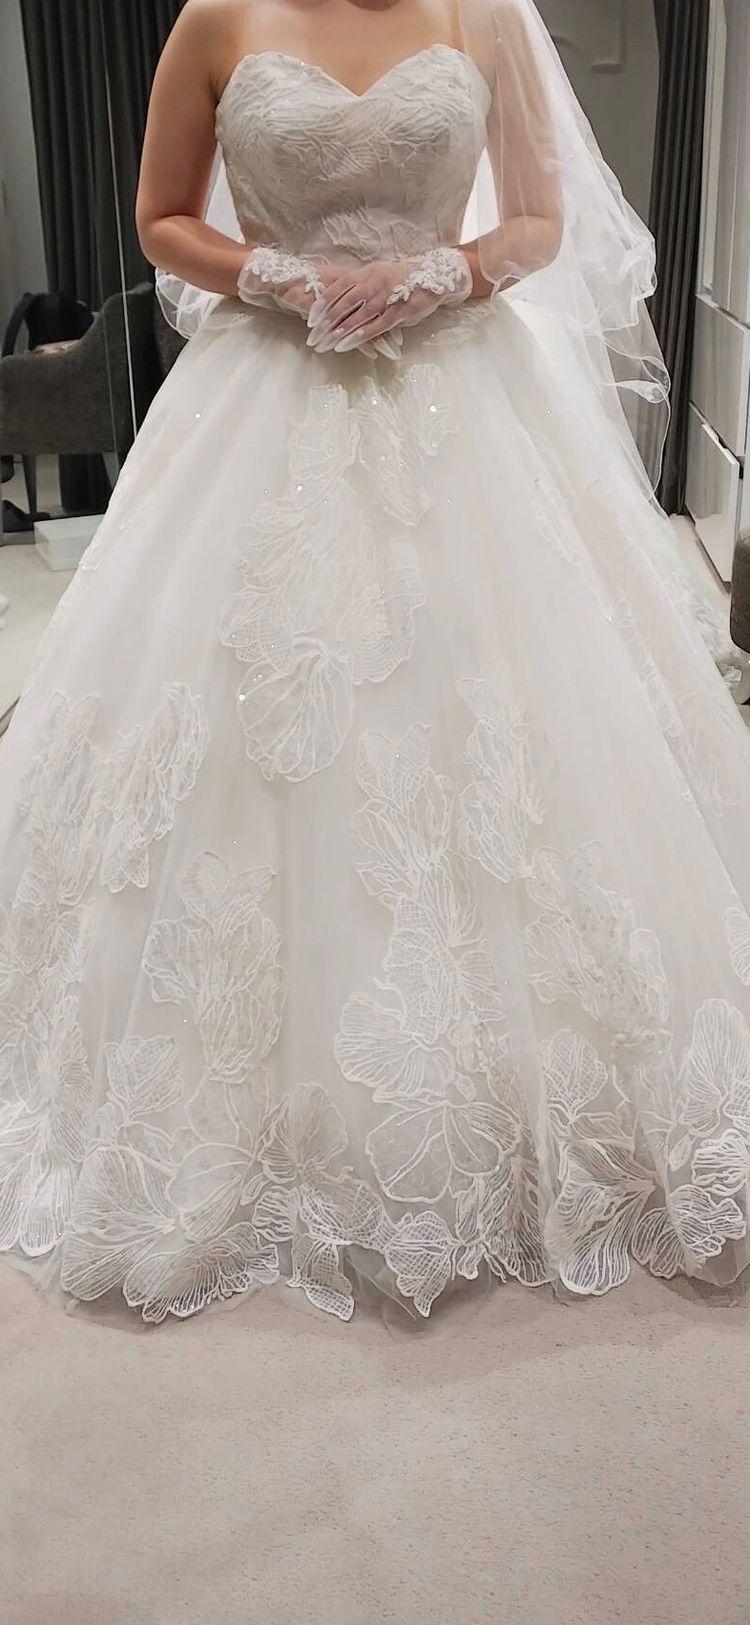 お花の刺繍が豪華なドレス